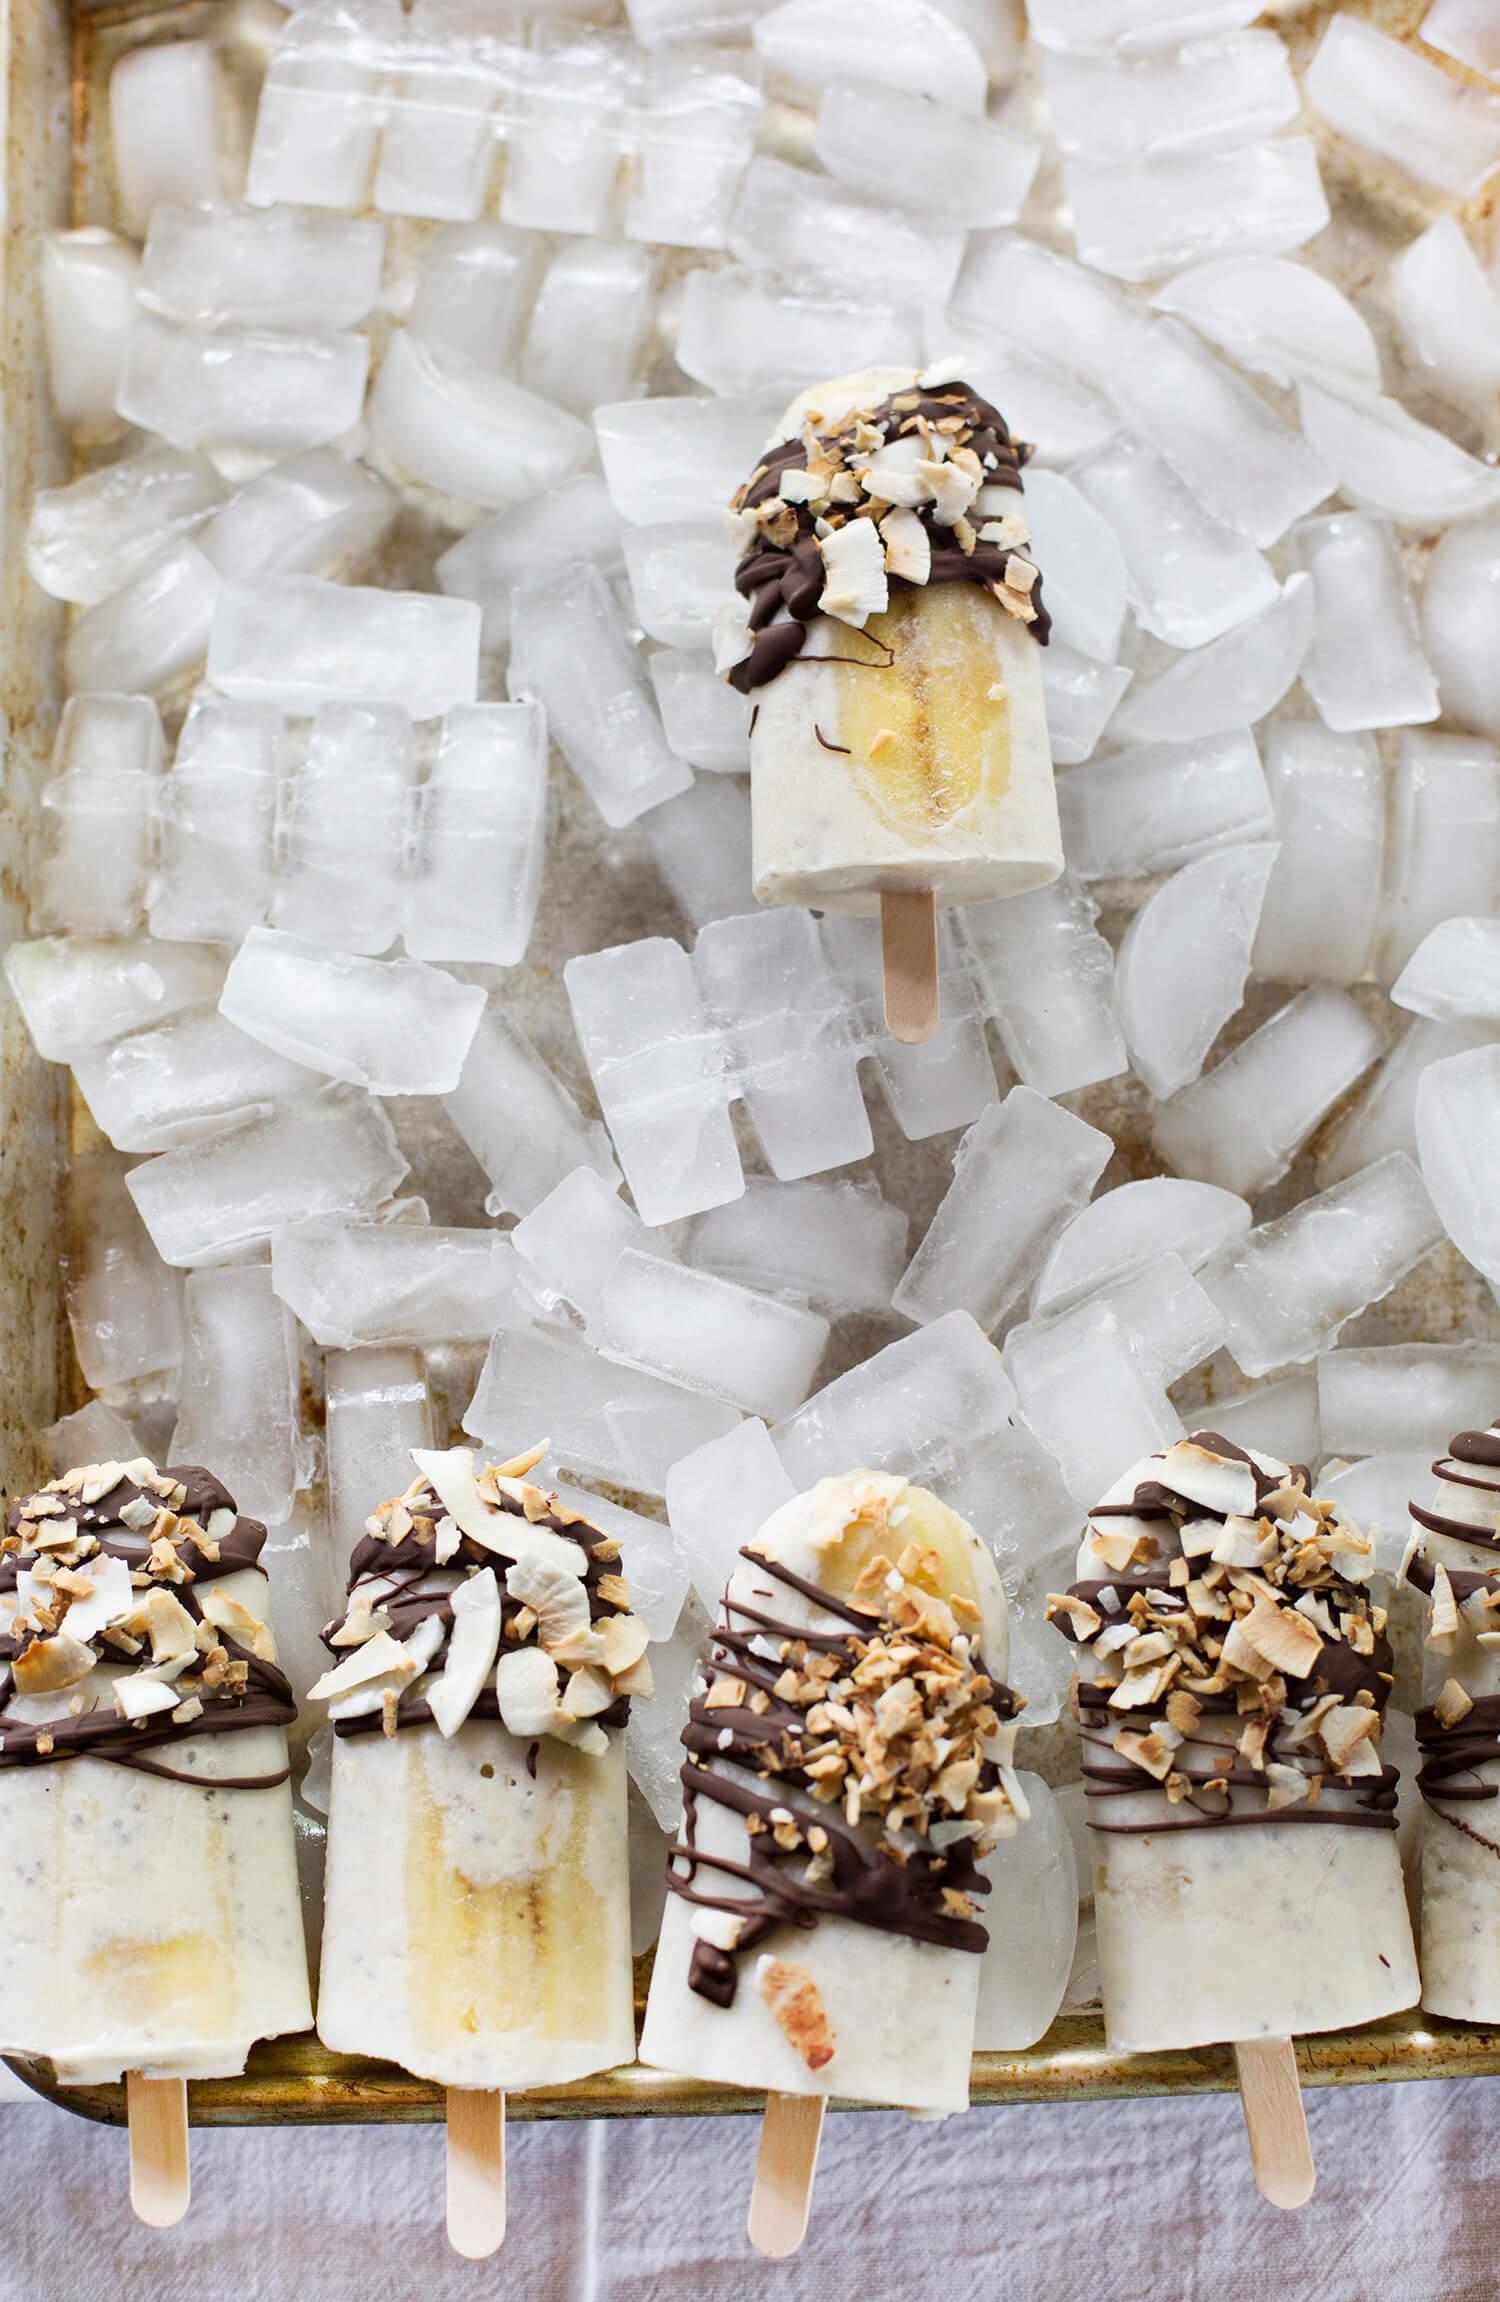 Coconut banana popsicles